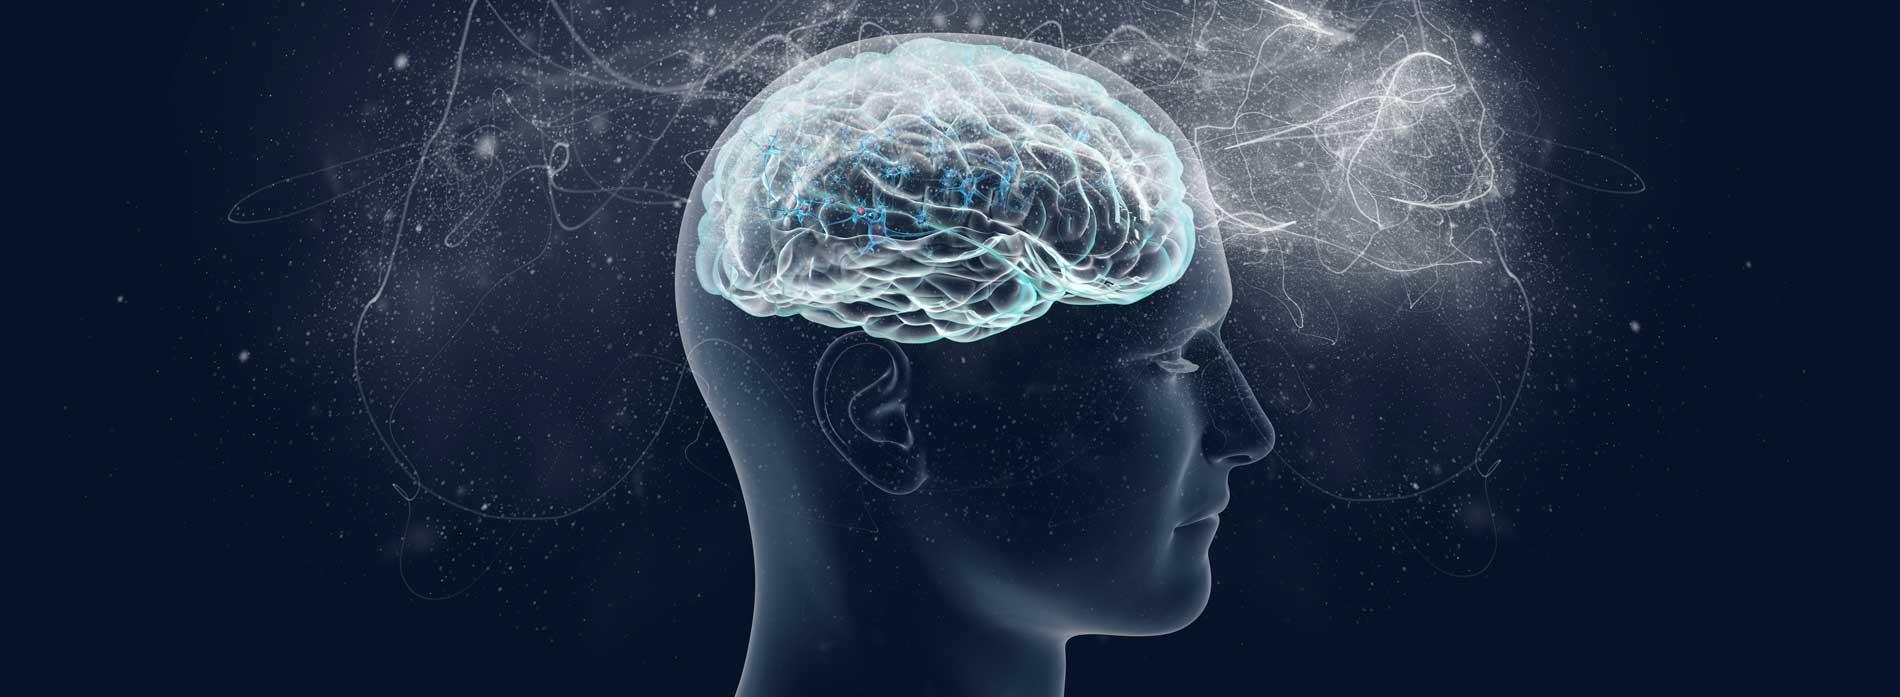 neuronale Plastizität